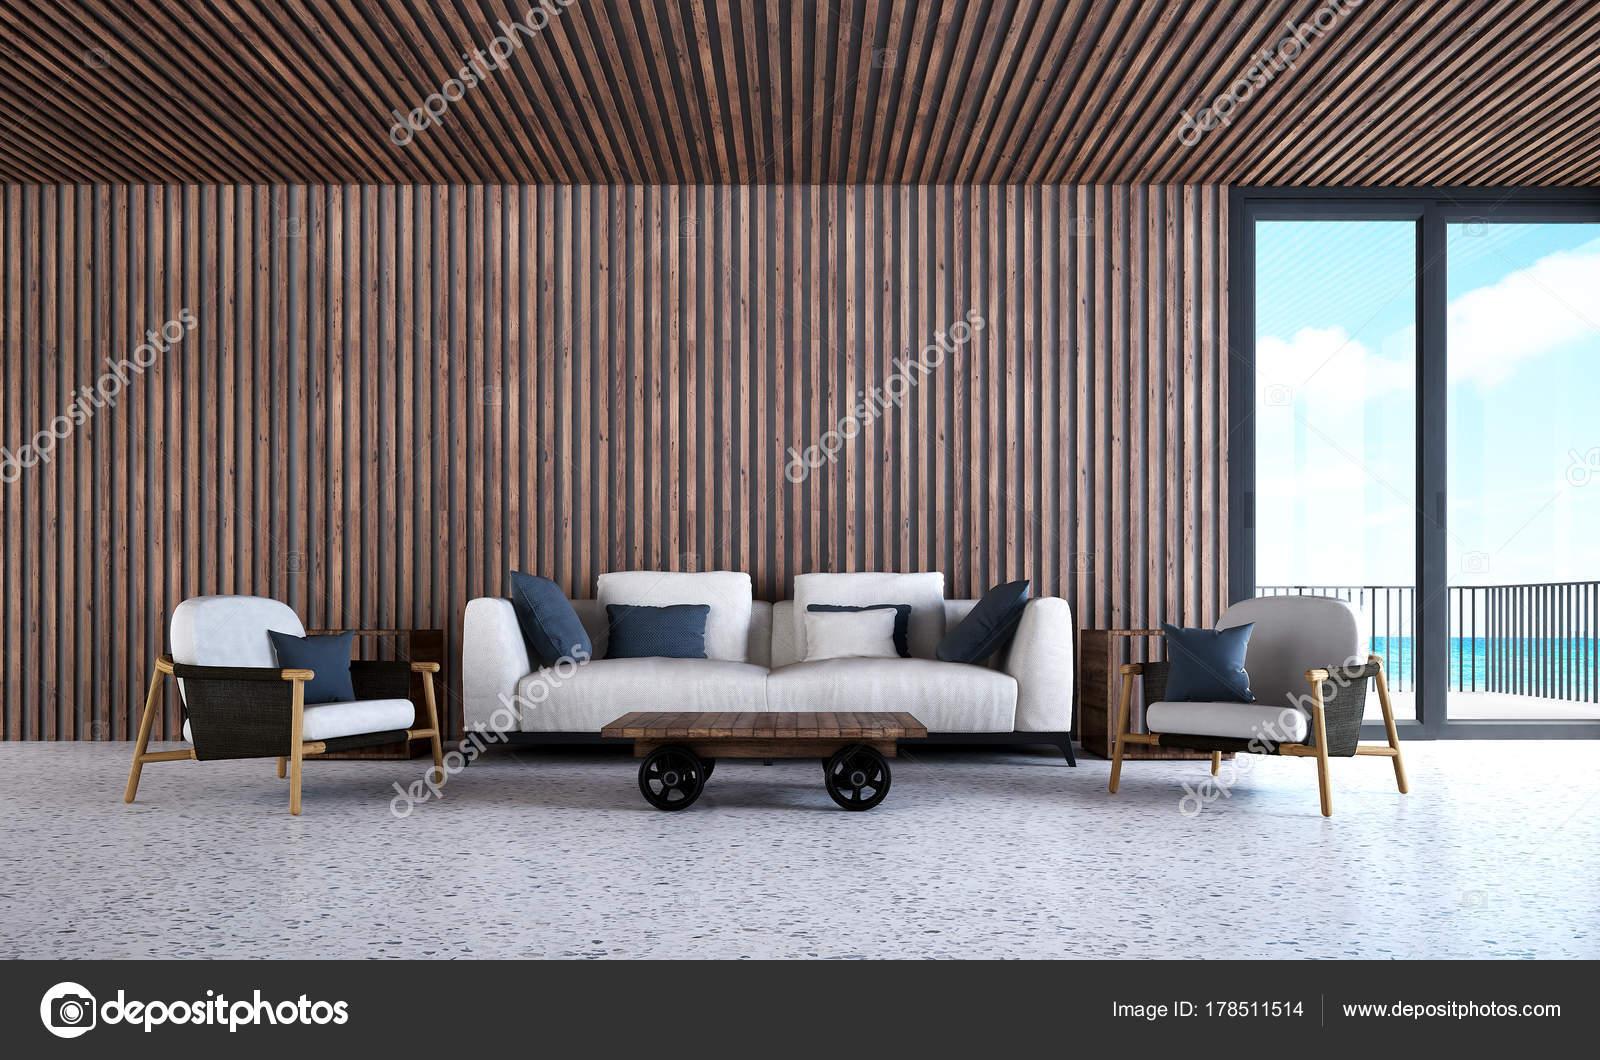 Idée Concept Design Intérieur Rendu Salon Moderne Cloison Bois Fond ...